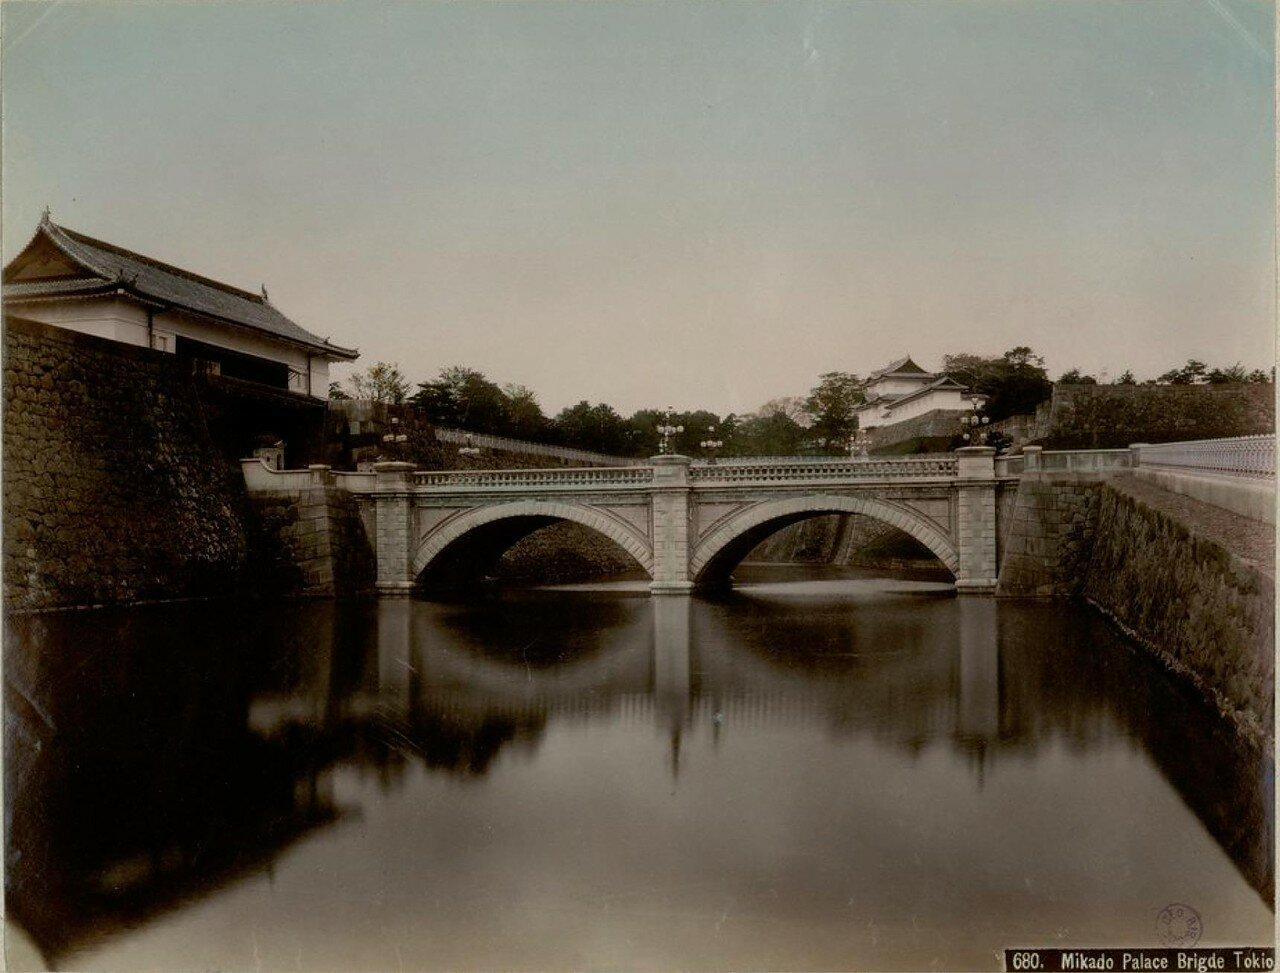 Токио. Мост у дворца Микадо